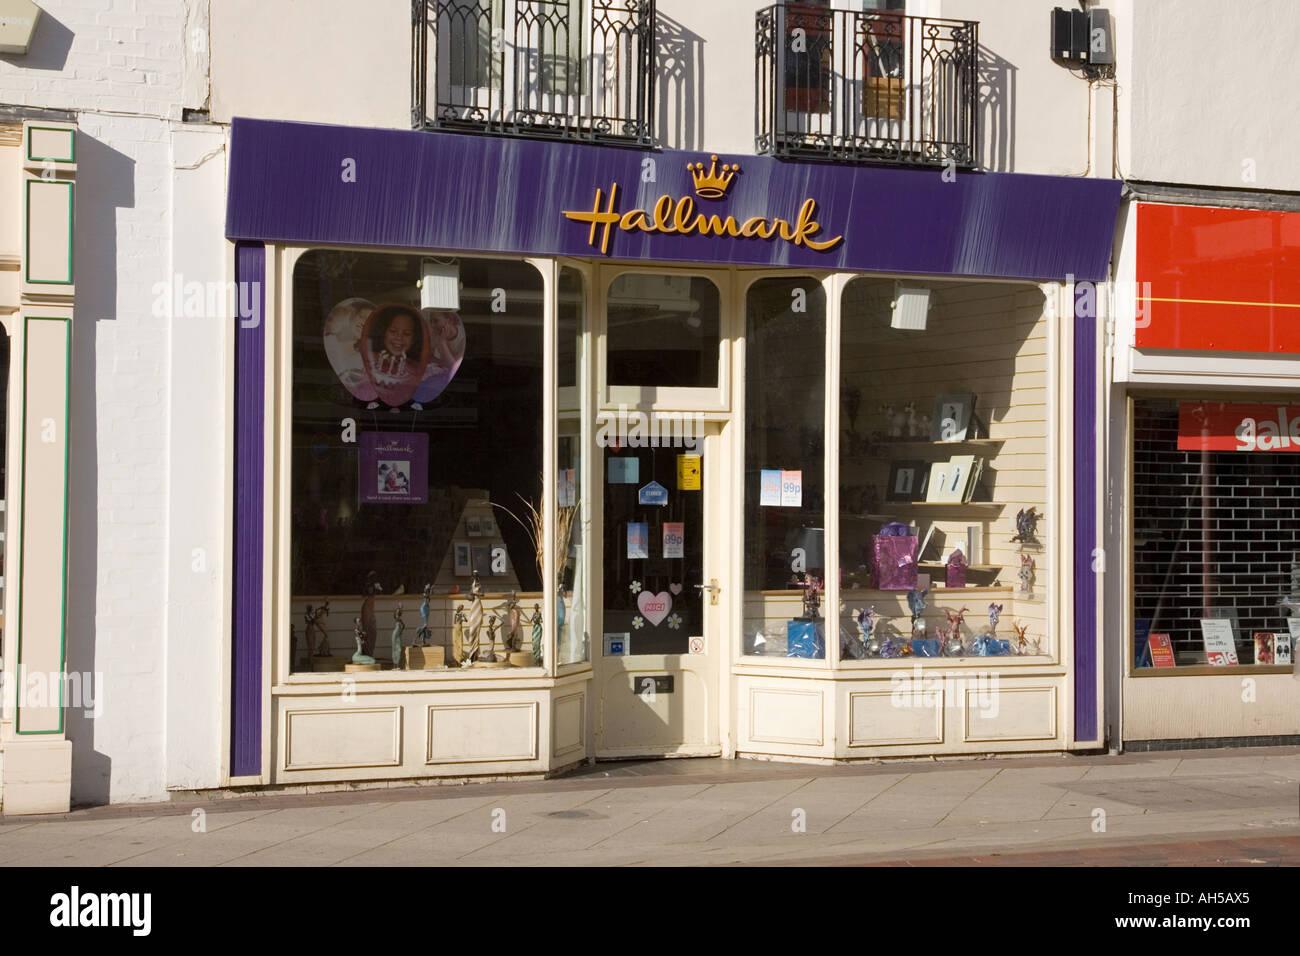 Hallmark Greeting Card Shop In Stowmarket Suffolk Uk